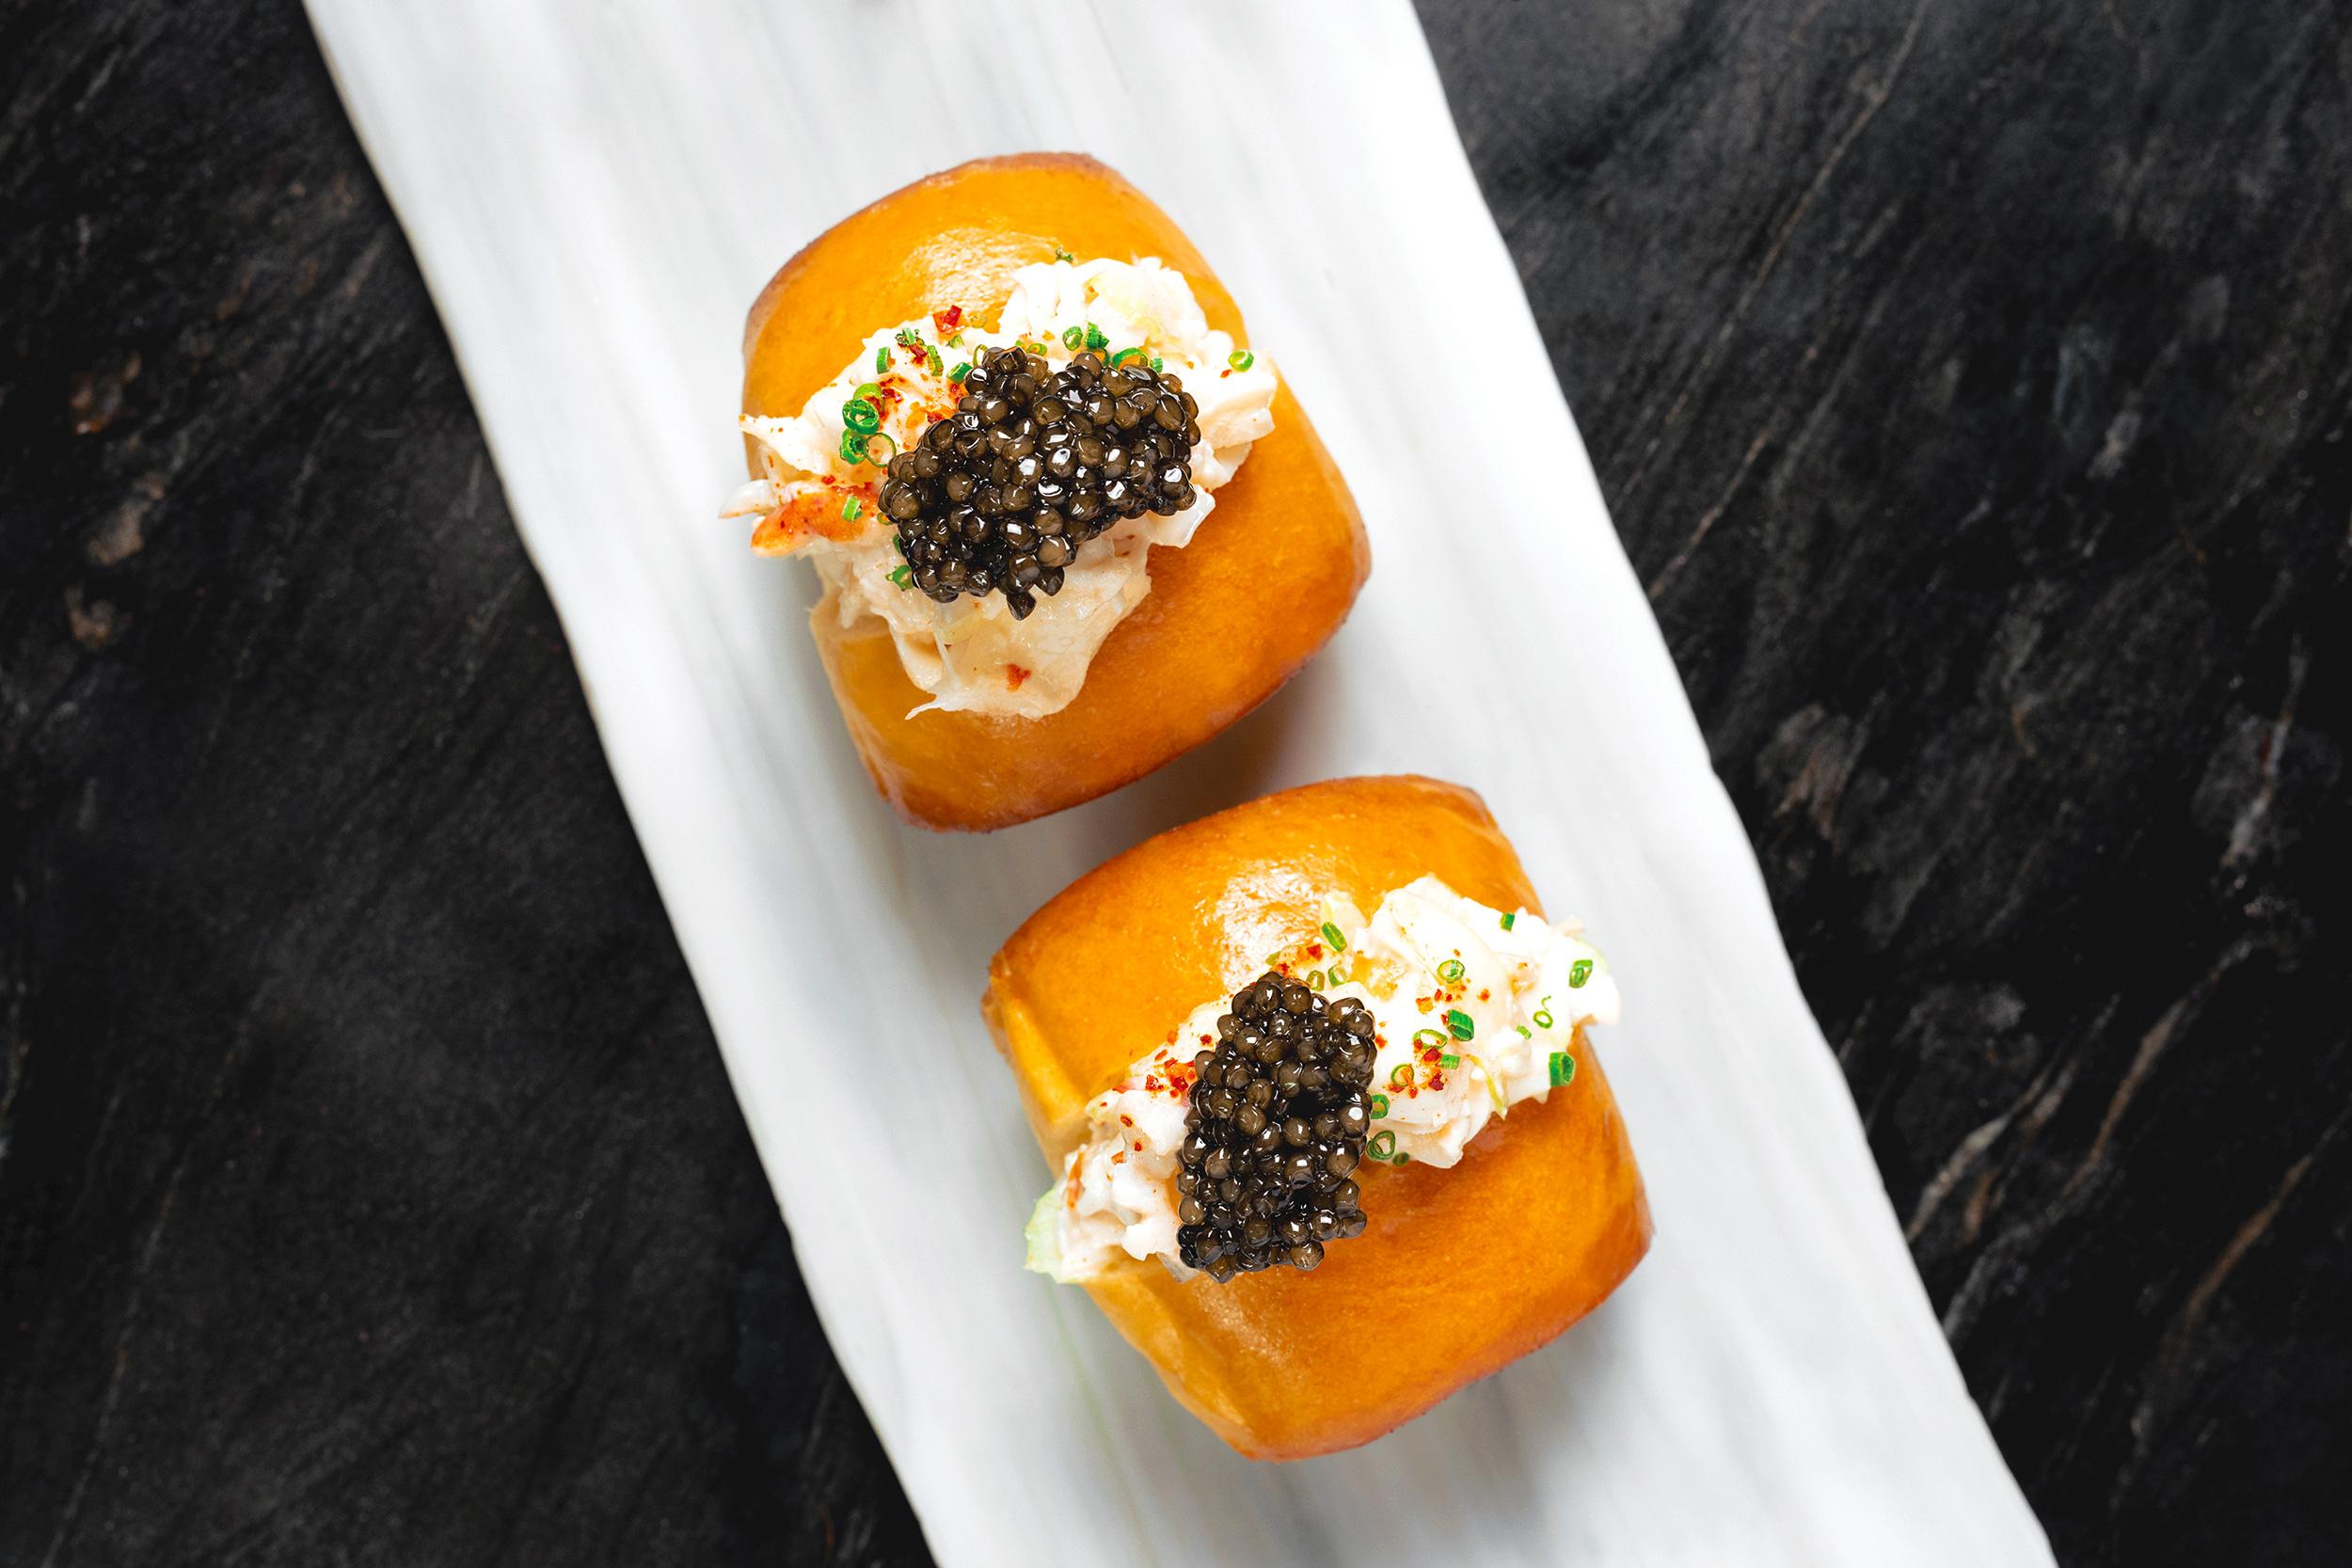 ATLAS_Lobster Roll mini with caviar